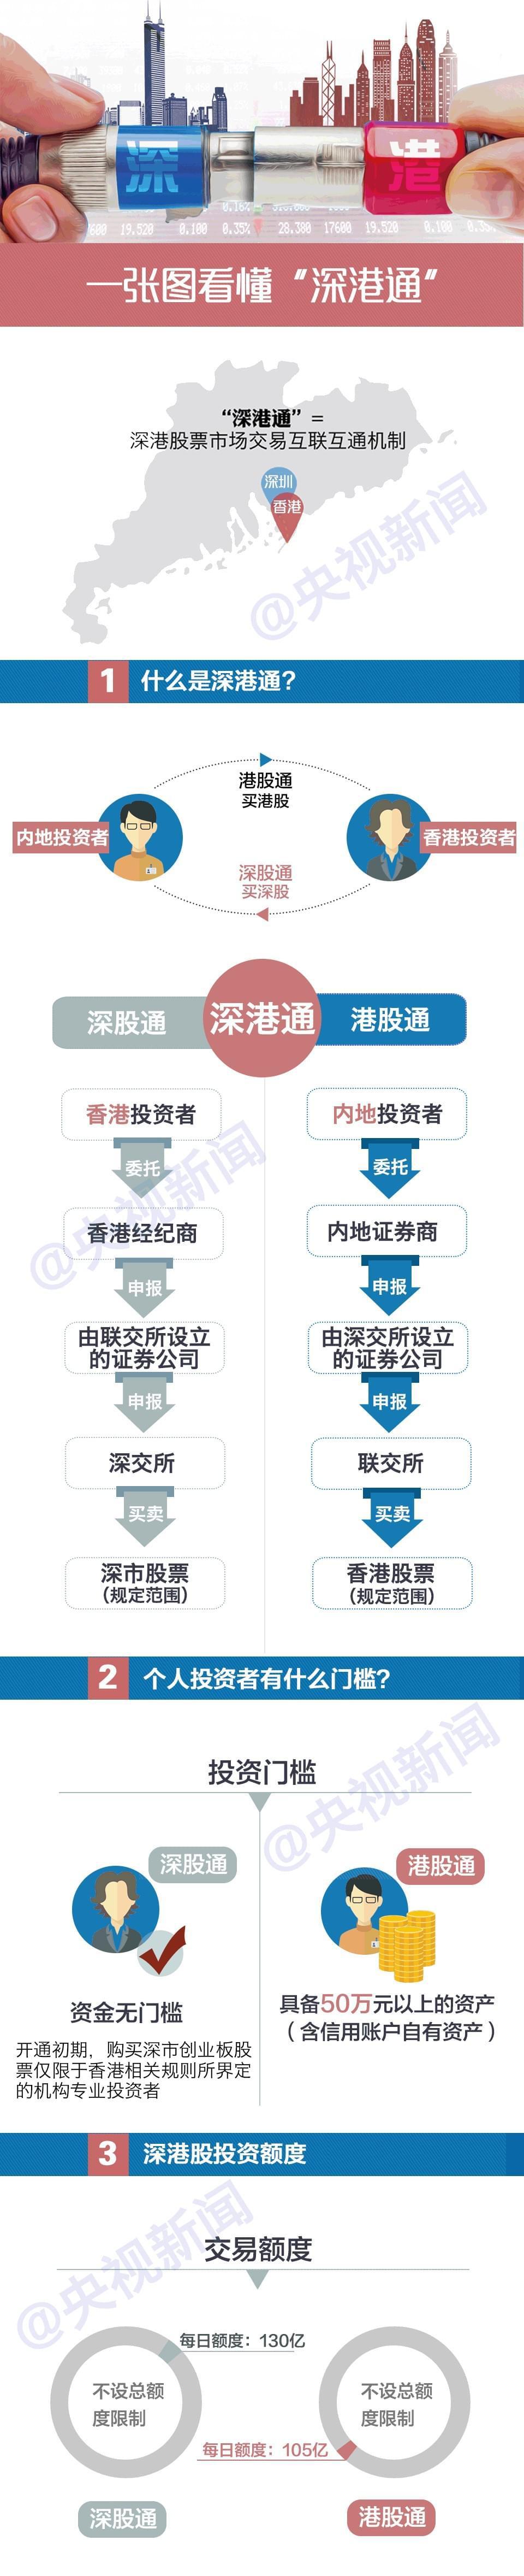 3分钟看懂深港通 中国资本市场迎来新机遇